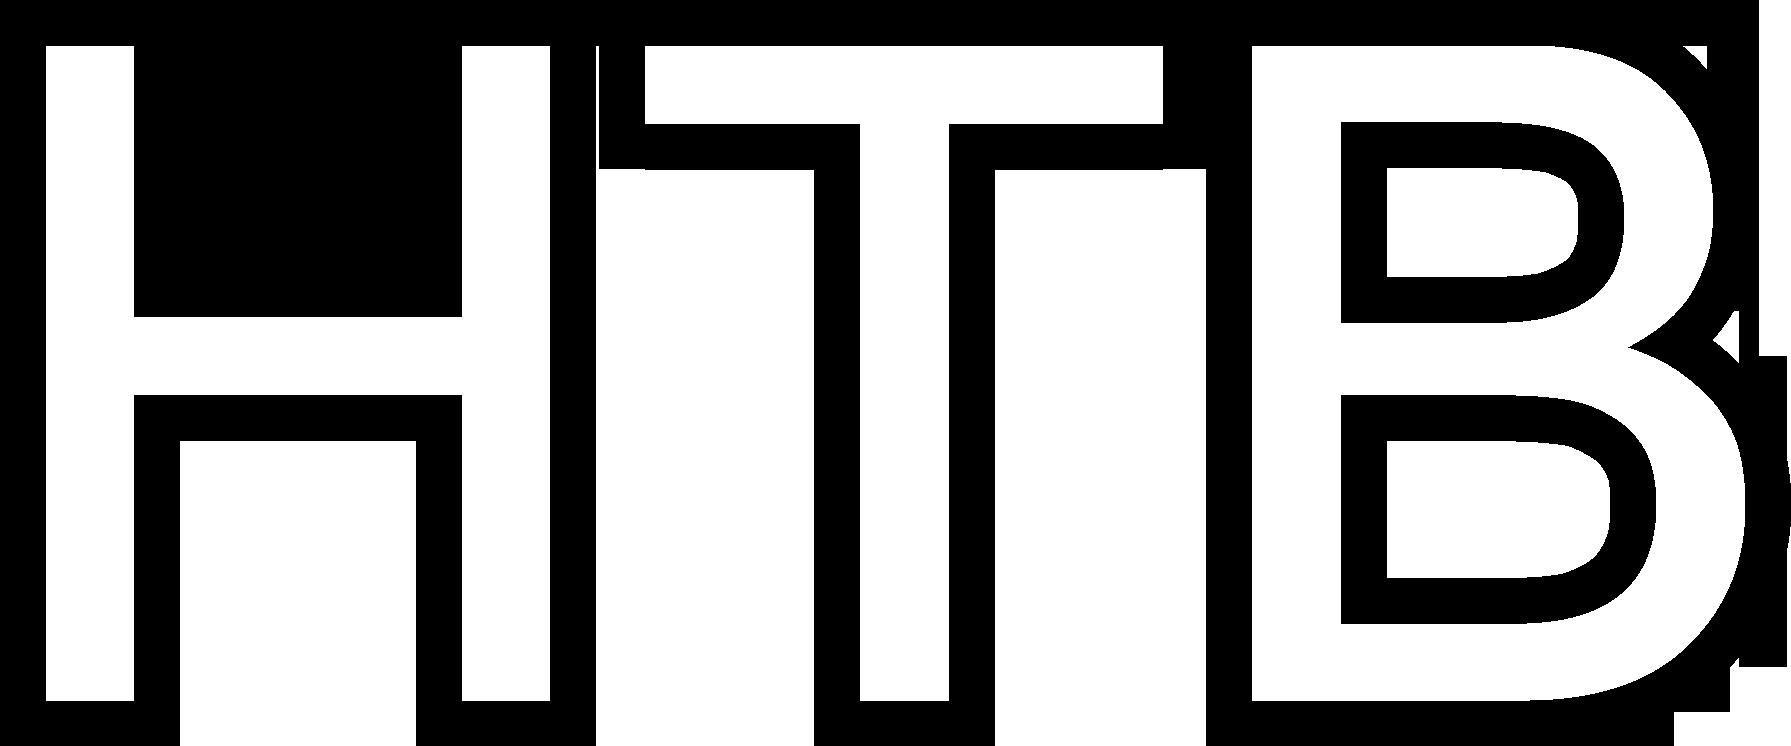 НТВ (1993, буквы с чёрным контуром)